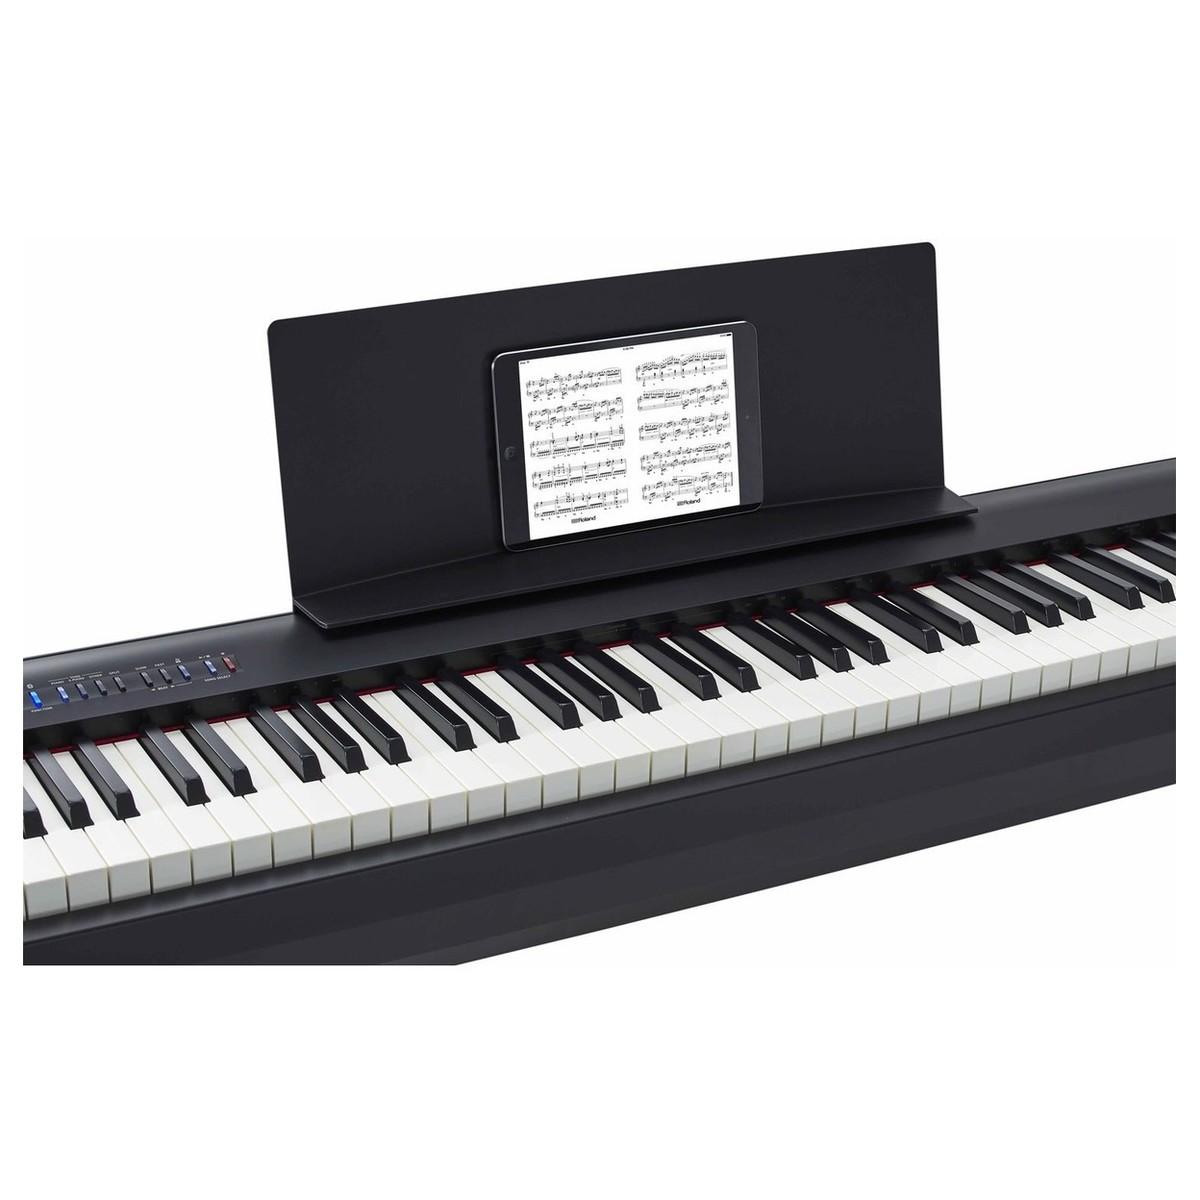 Piano Digital Fp 30 Wh Roland : roland fp 30 digital piano package black at gear4music ~ Hamham.info Haus und Dekorationen